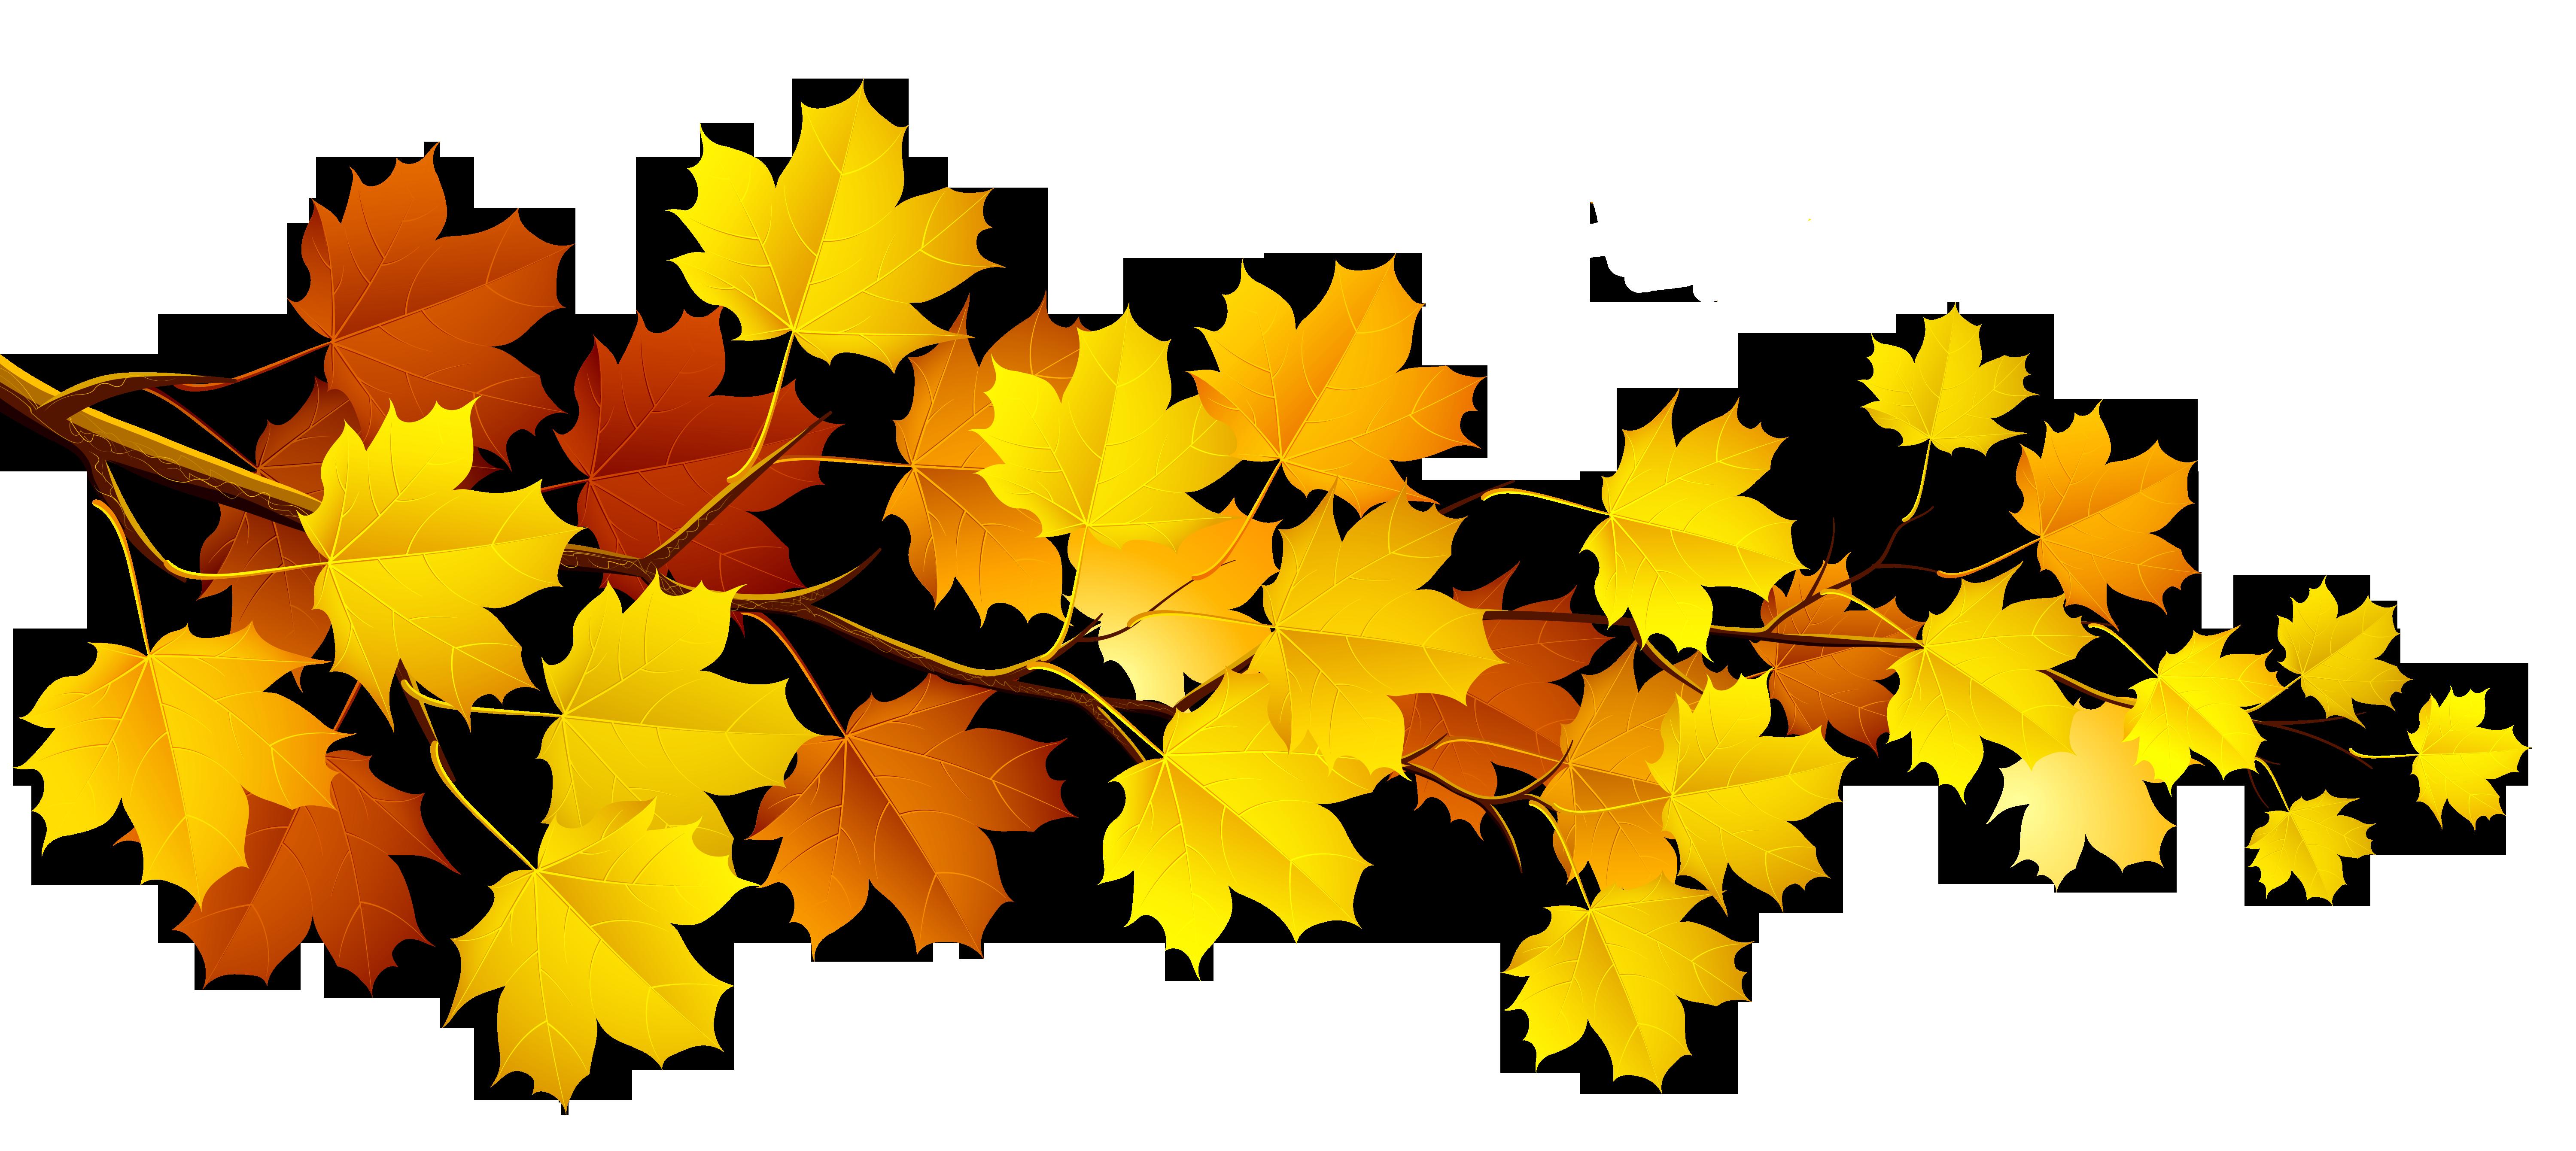 Fall Leaves Fall Clip Art Autumn Clip Ar-Fall leaves fall clip art autumn clip art leaves clip art clipart 4-12